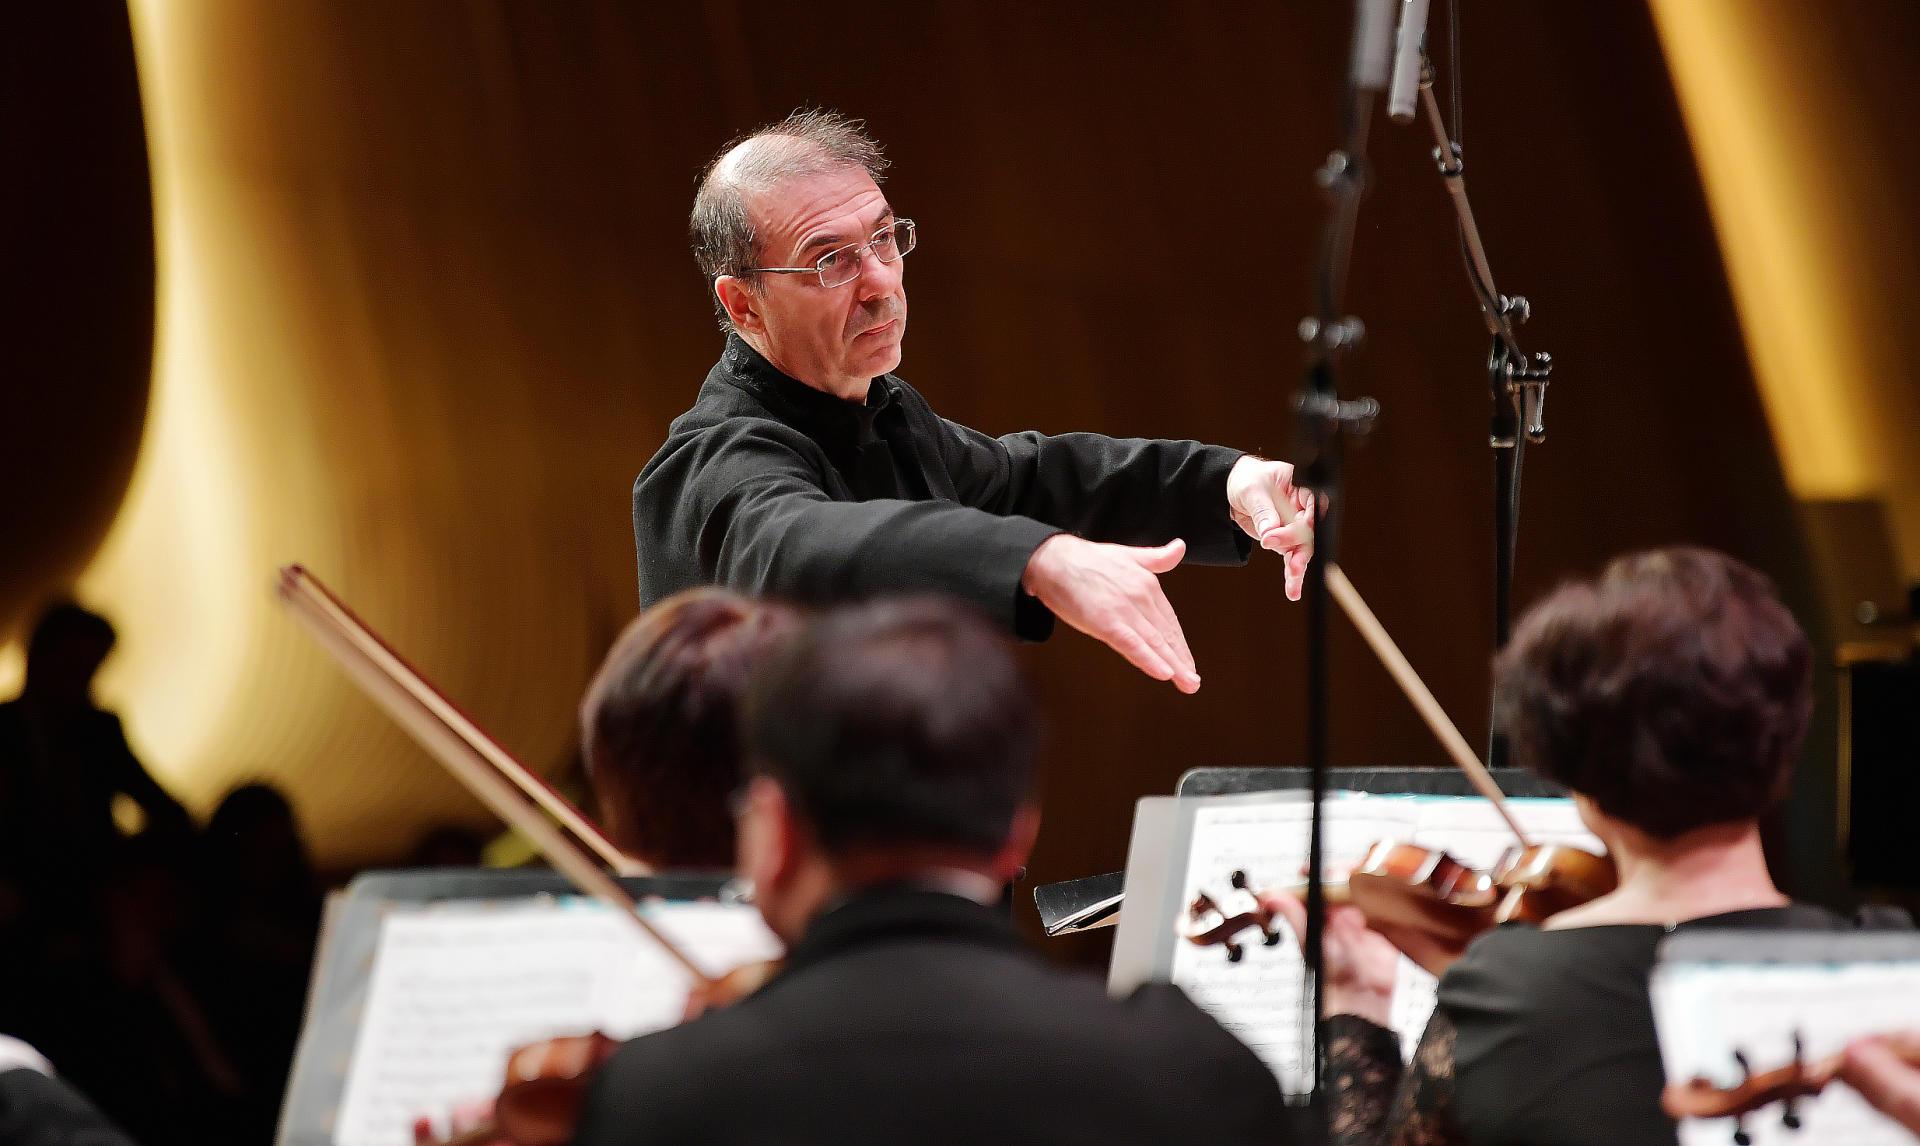 В Центре Гейдара Алиева состоялся концерт Московского камерного оркестра Musica Viva (ФОТО/ВИДЕО) - Gallery Image